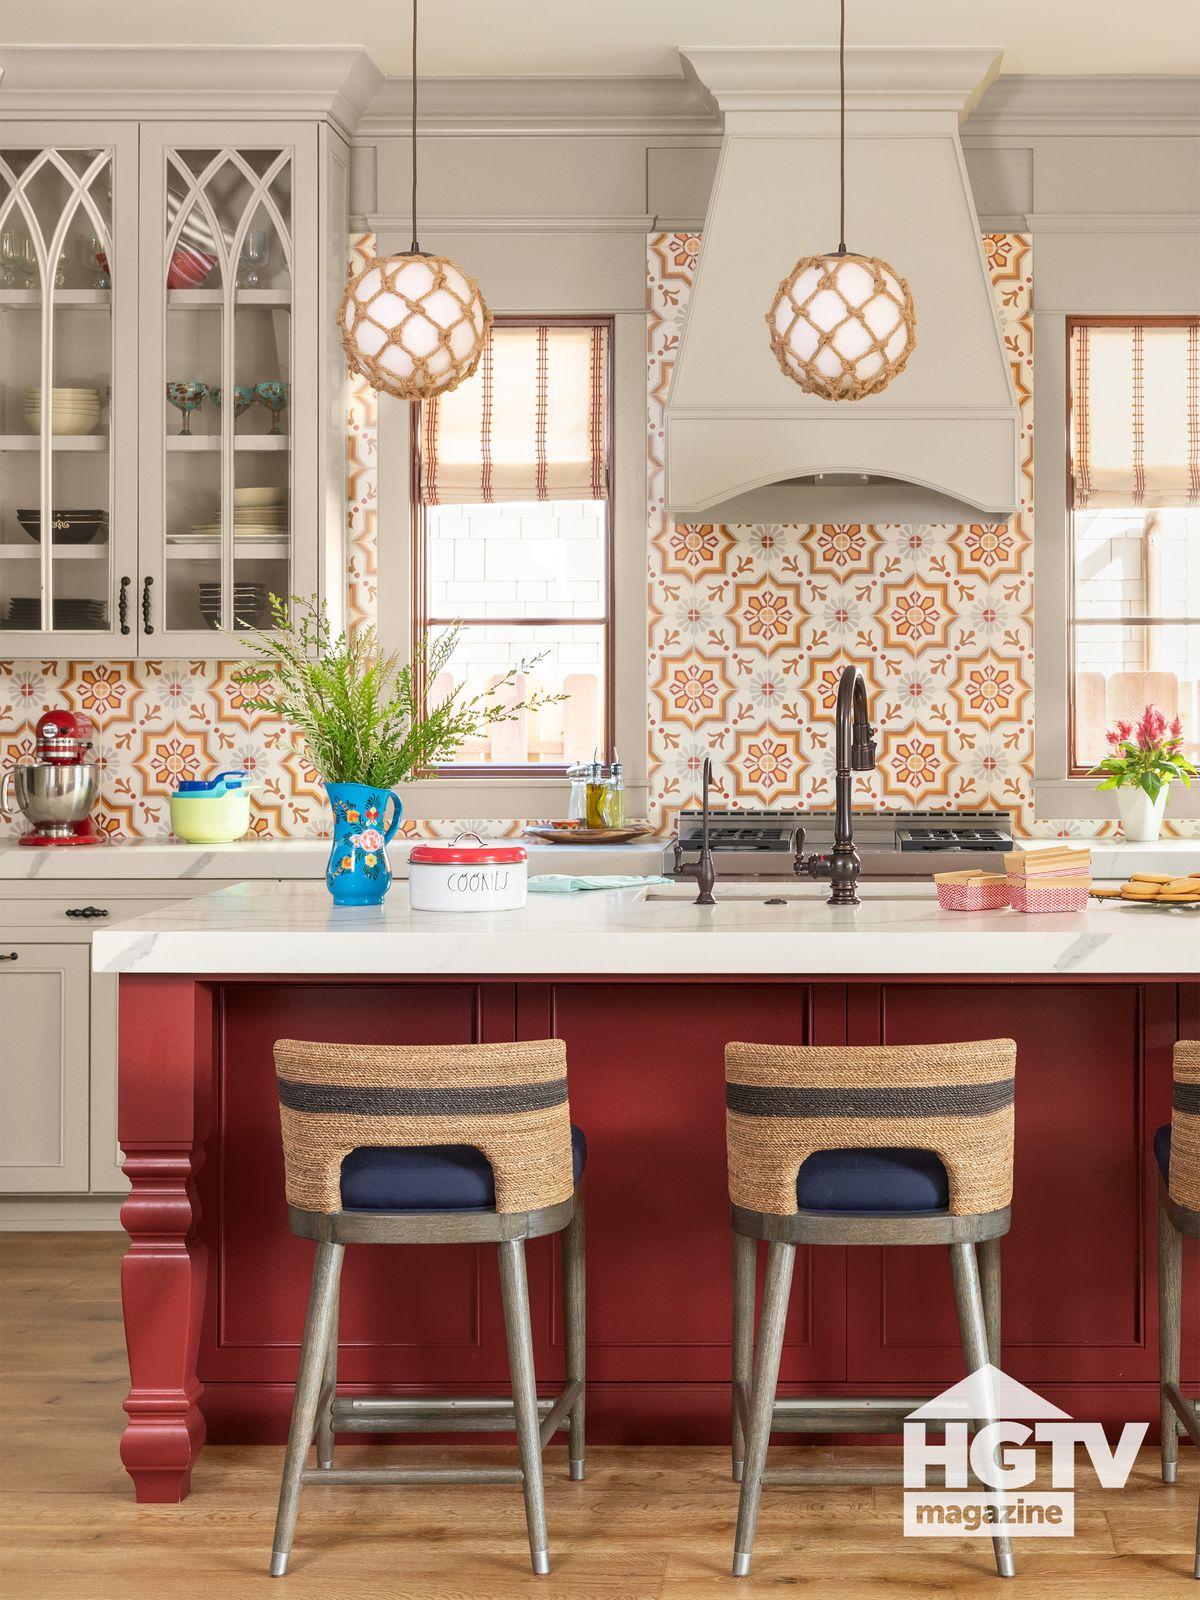 A dark red kitchen island featured in HGTV Magazine